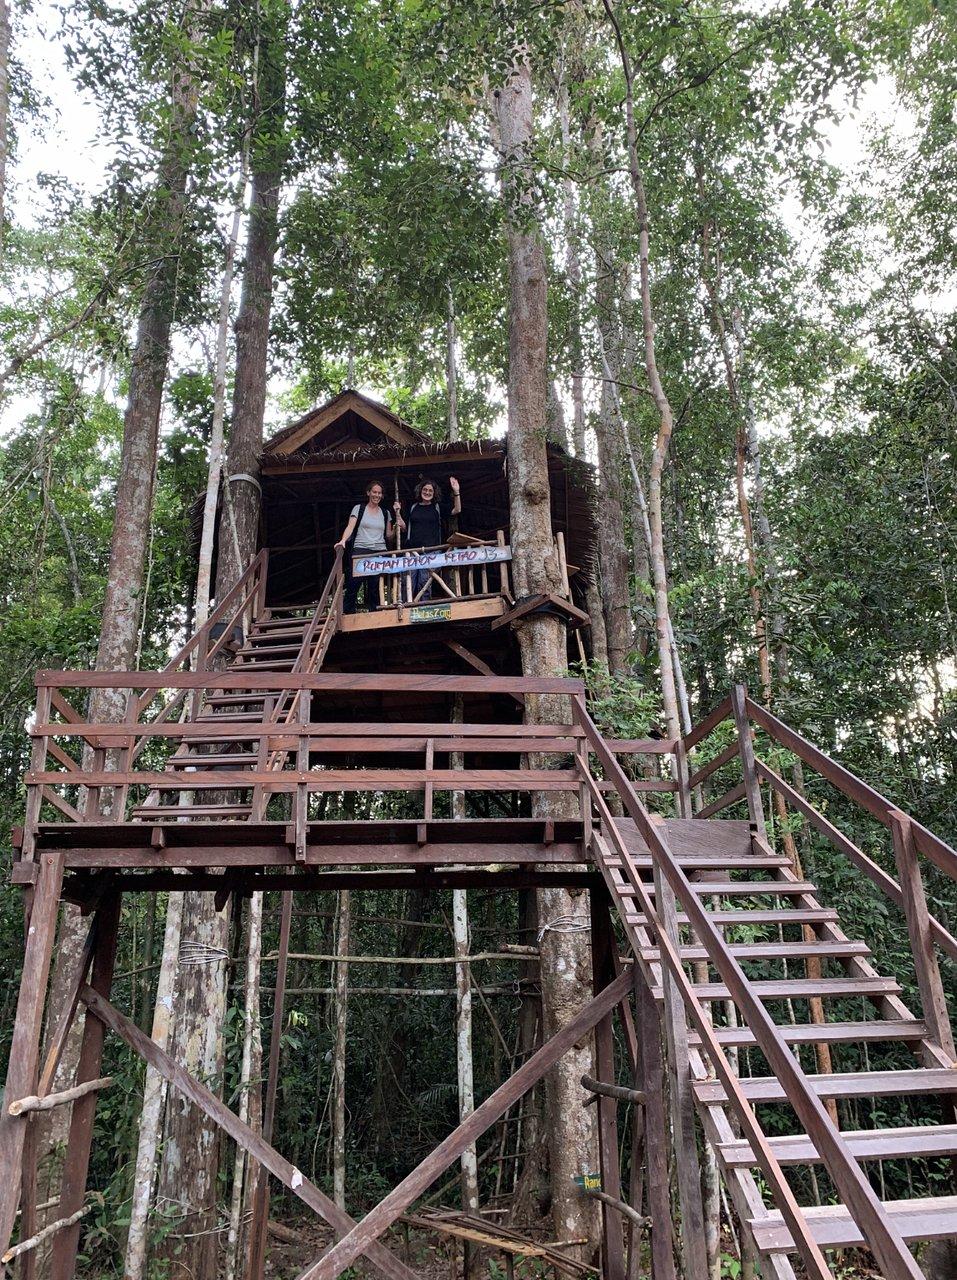 Jurung Tiga Nature Park (Pangkalan Bun, Indonesia) - Review